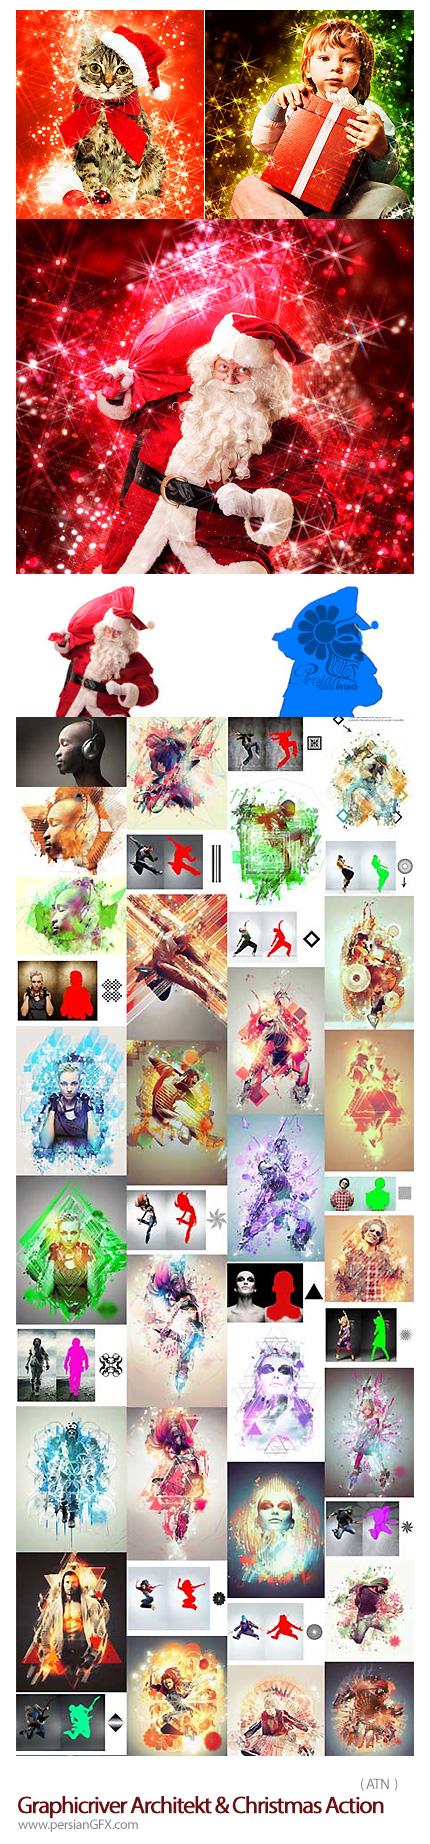 دانلود اکشن فتوشاپ ایجاد اشکال انتزاعی و کریسمس بر روی تصاویر از گرافیک ریور - Graphicriver Architekt And Christmas Photoshop Action